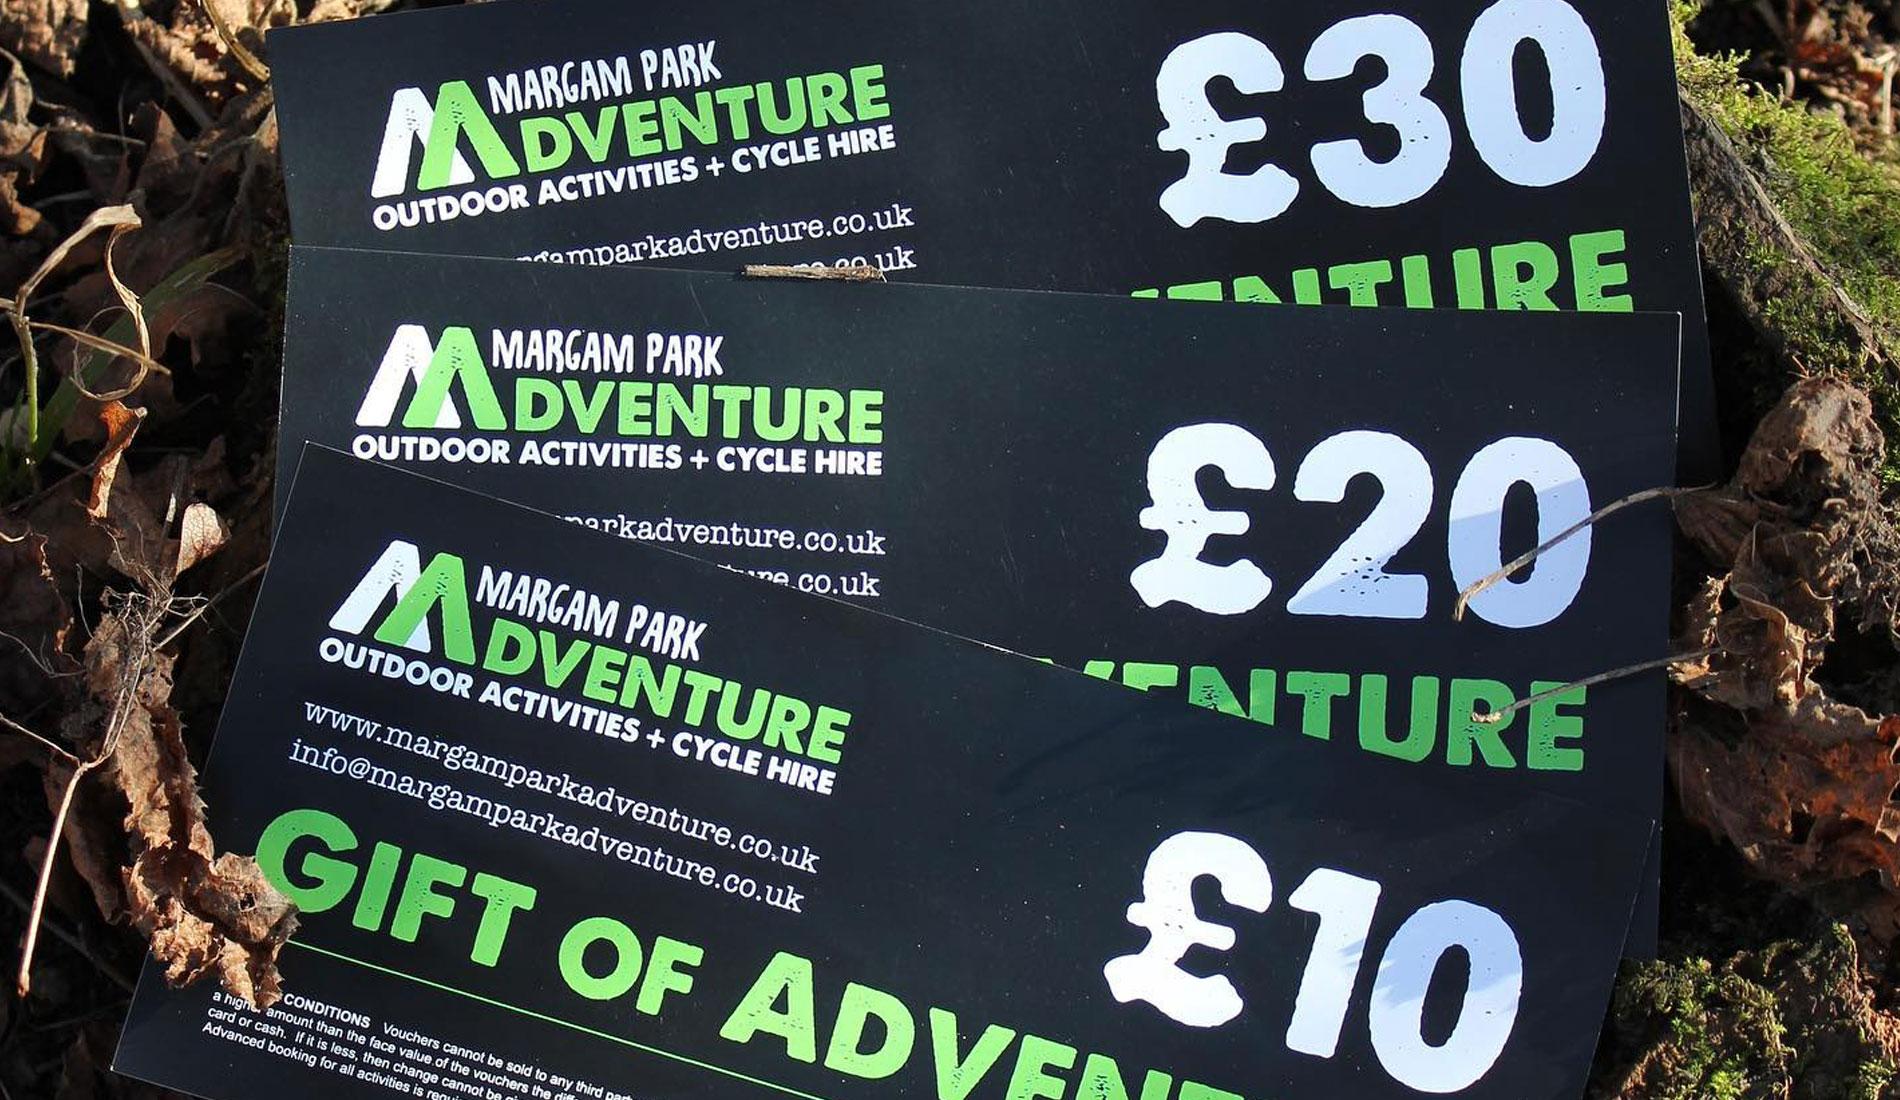 Margam Park Adventure Website Design